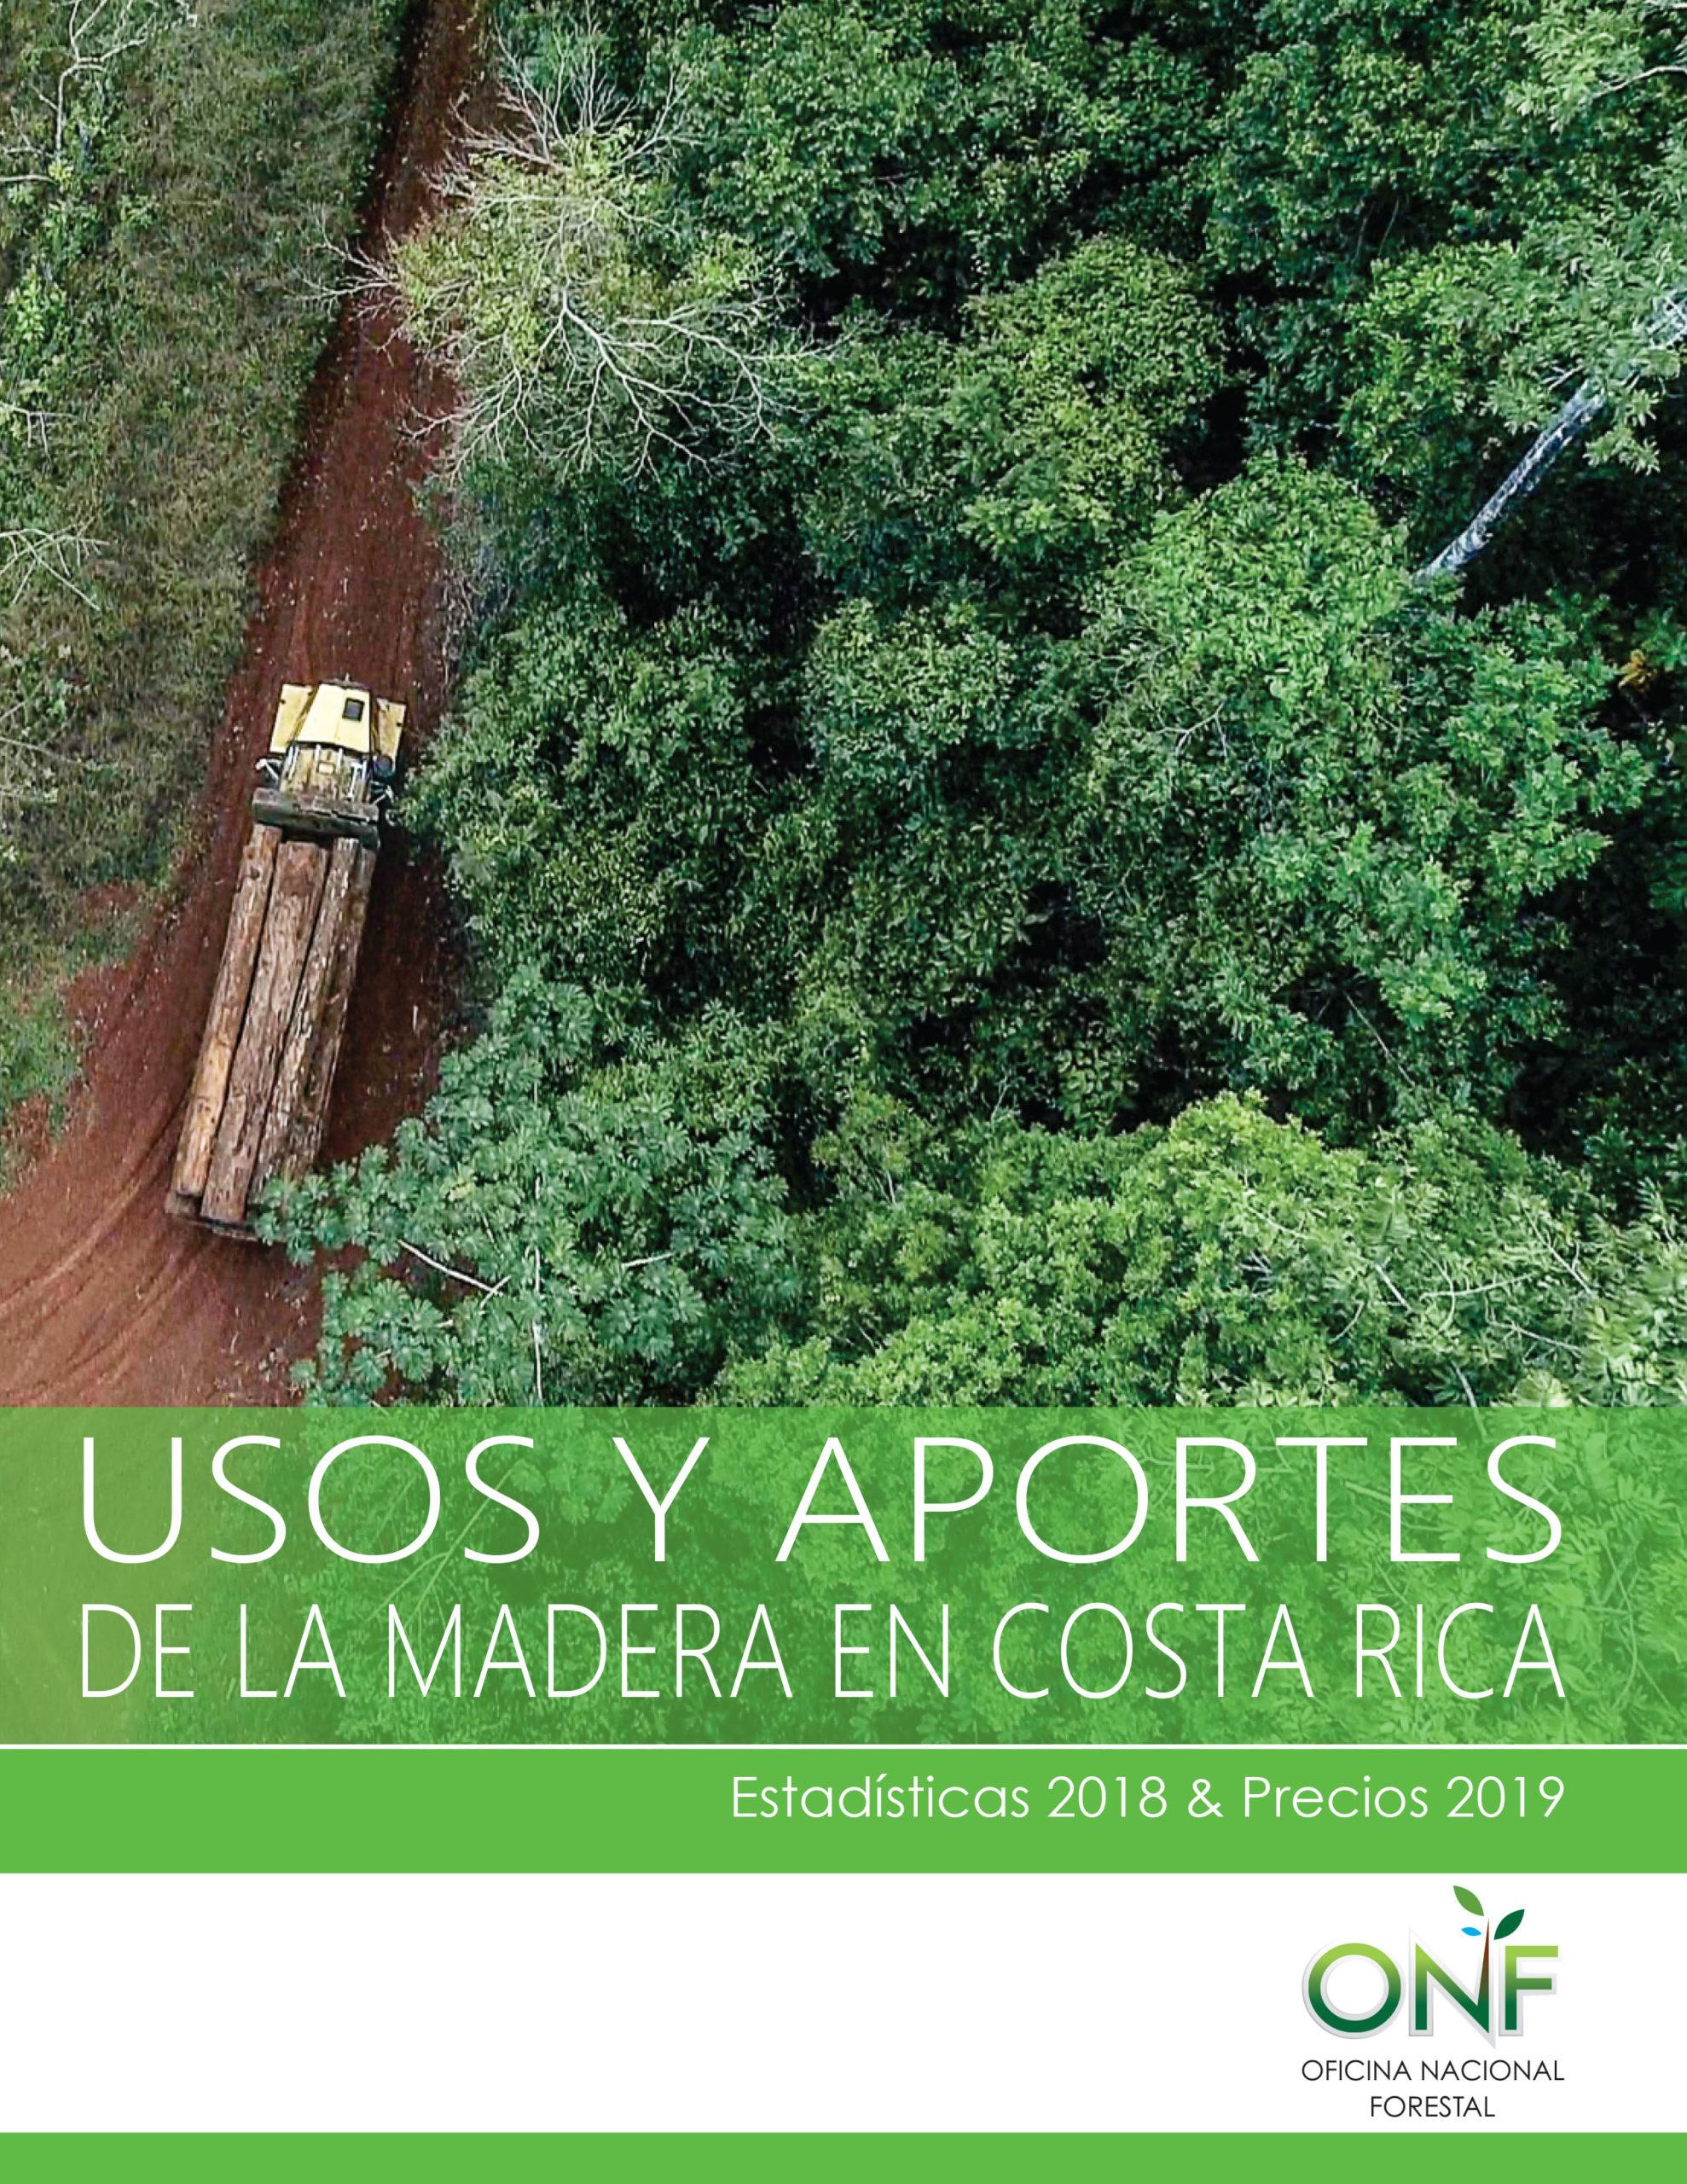 Informe de Usos y Aportes de la Madera en Costa Rica